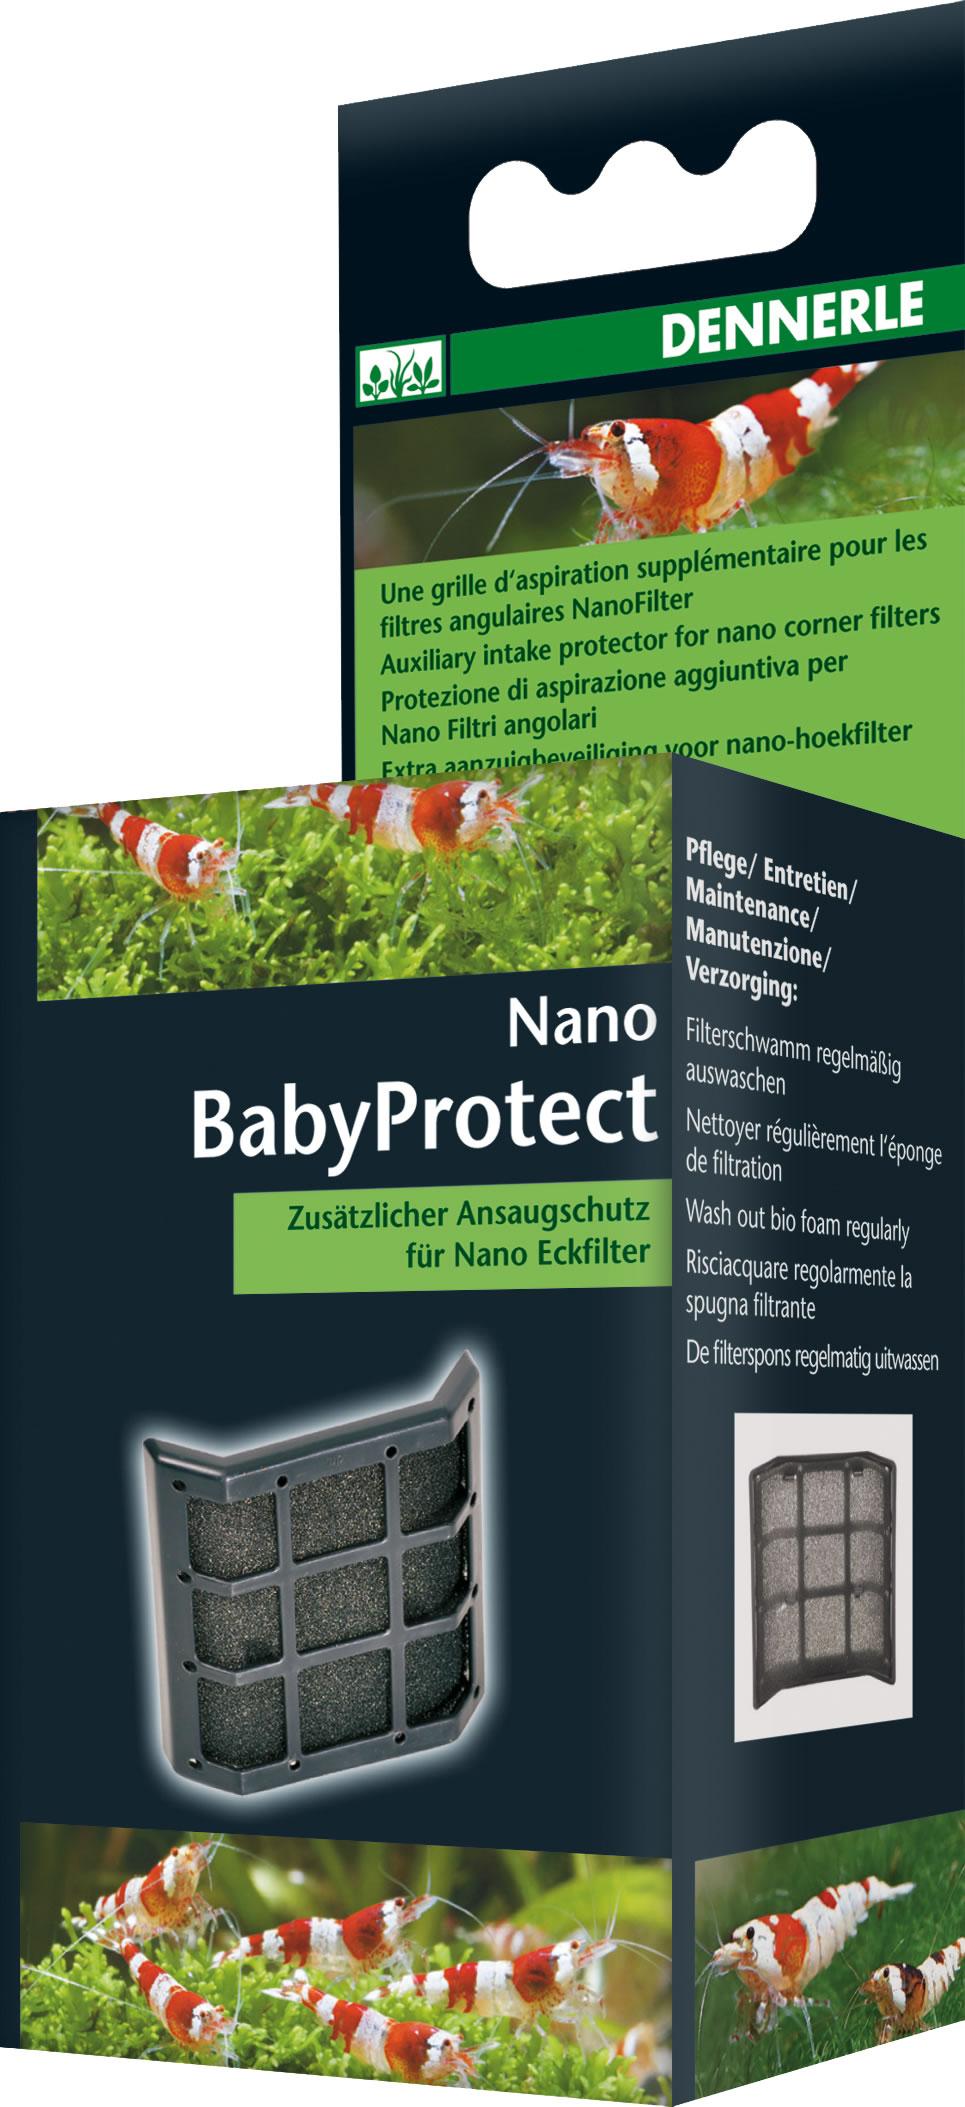 Dennerle Nano BabyProtect Schutzgitter für Dennerle Nano Eckfilter